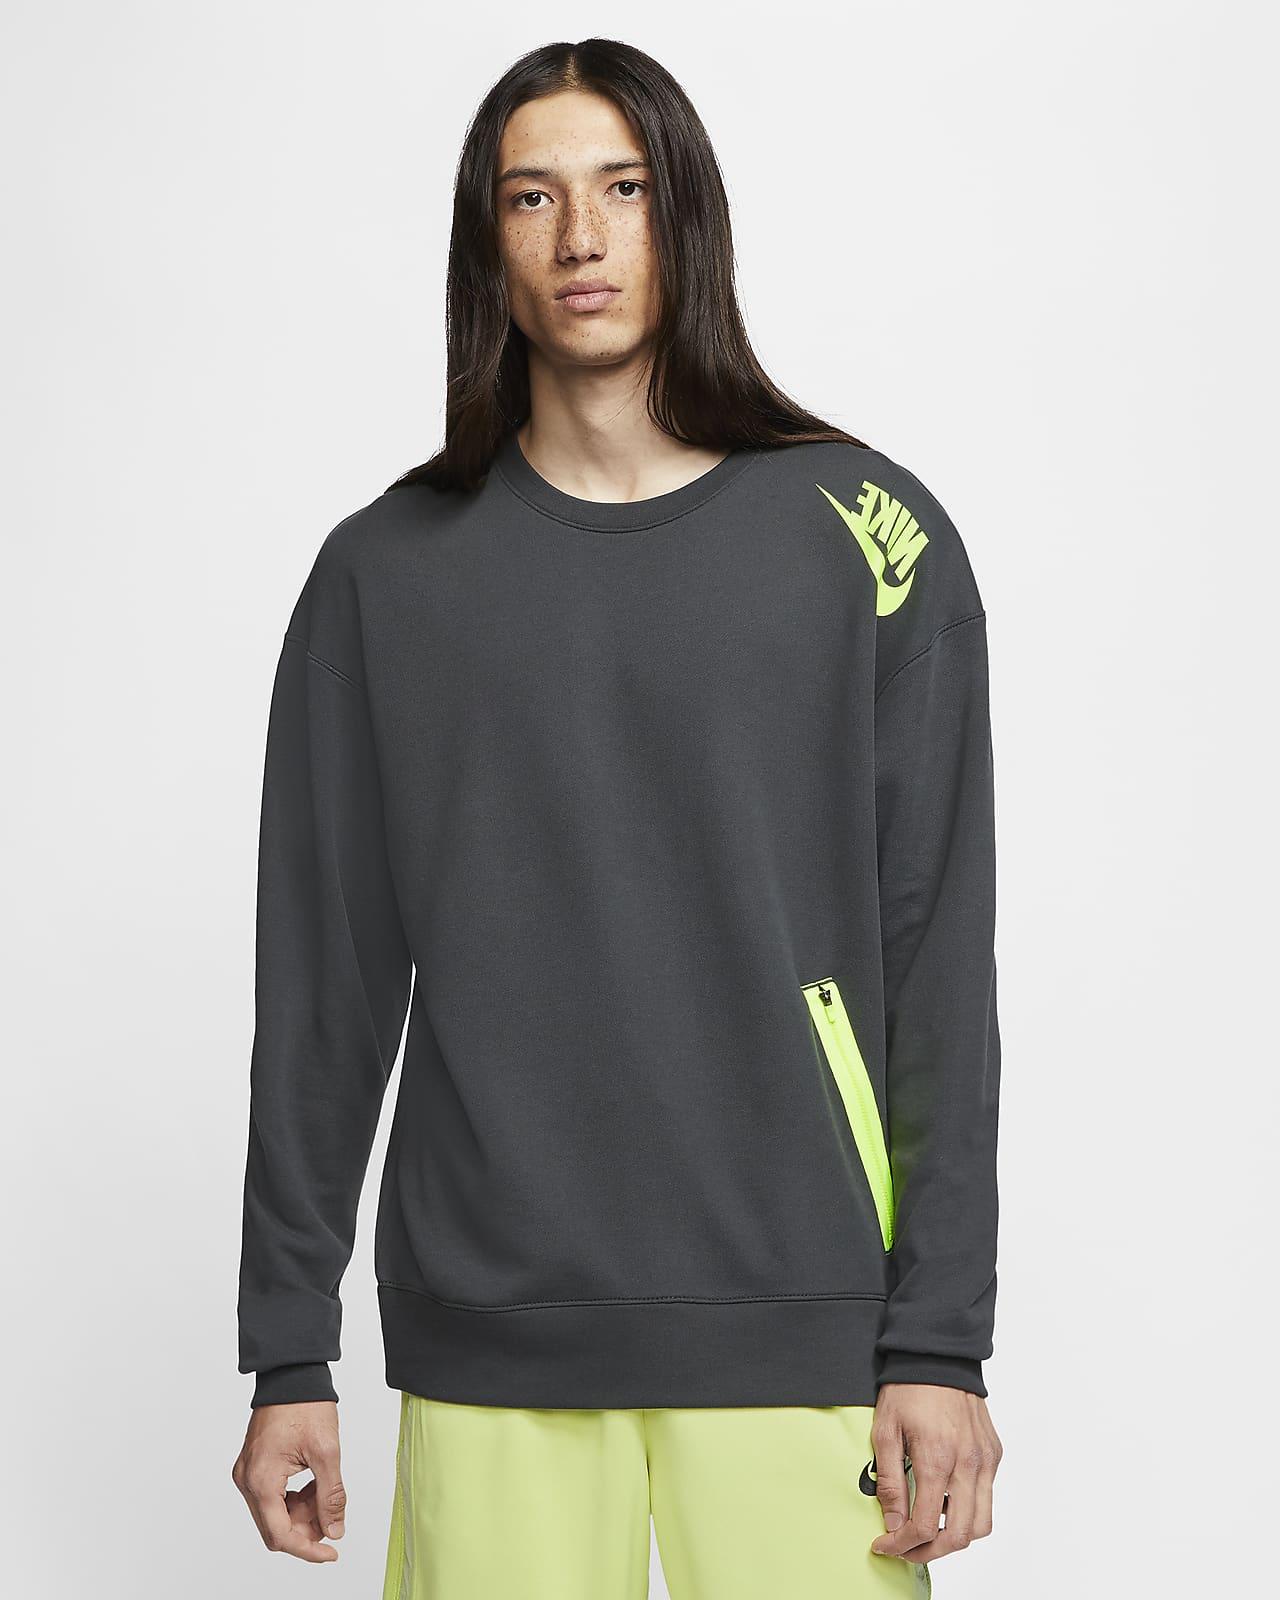 Pánská mikina Nike Sportswear s kulatým výstřihem z francouzského froté